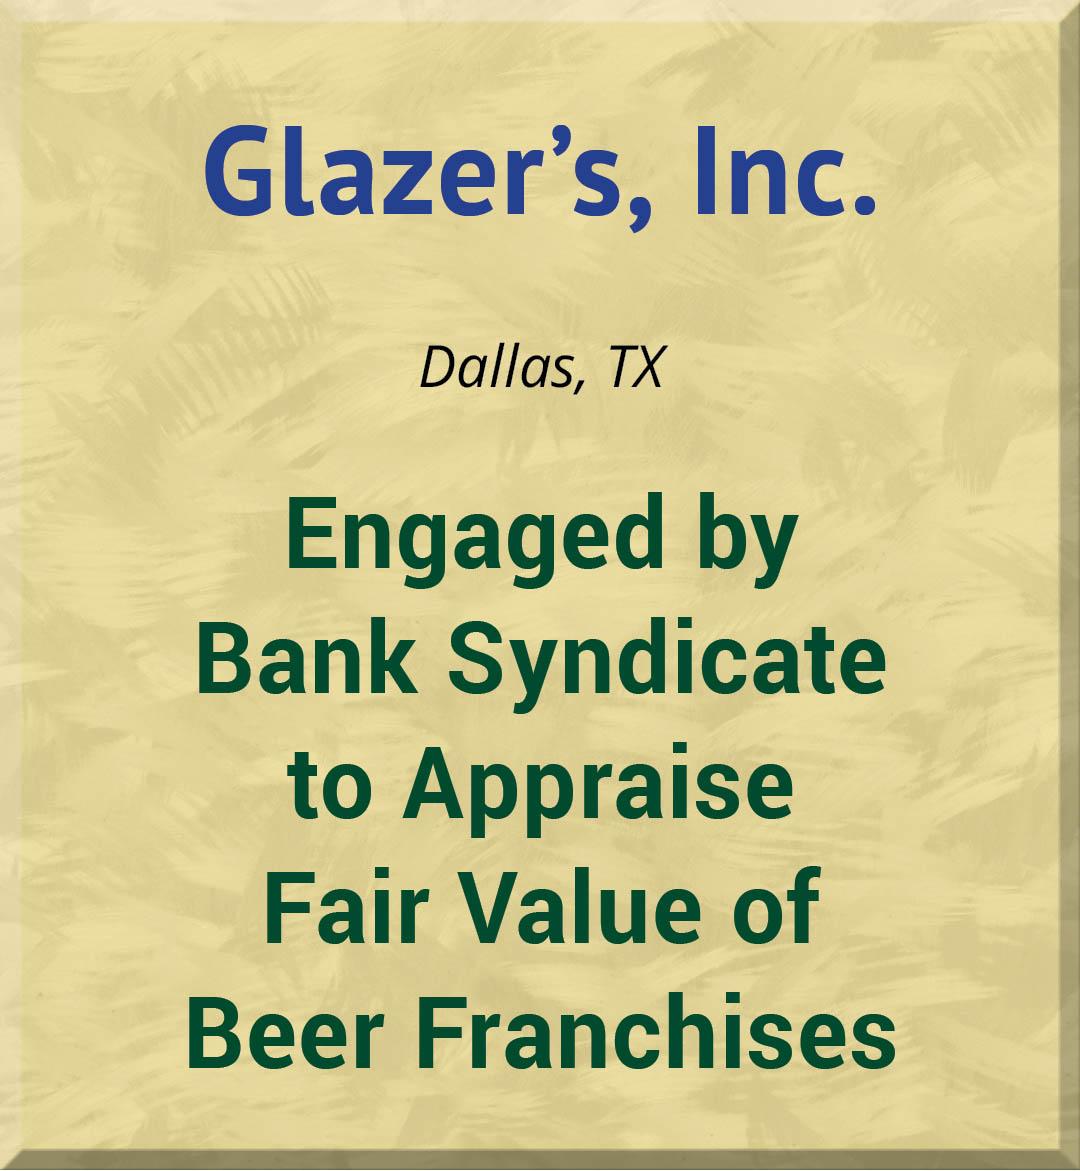 Glazer's, Inc.